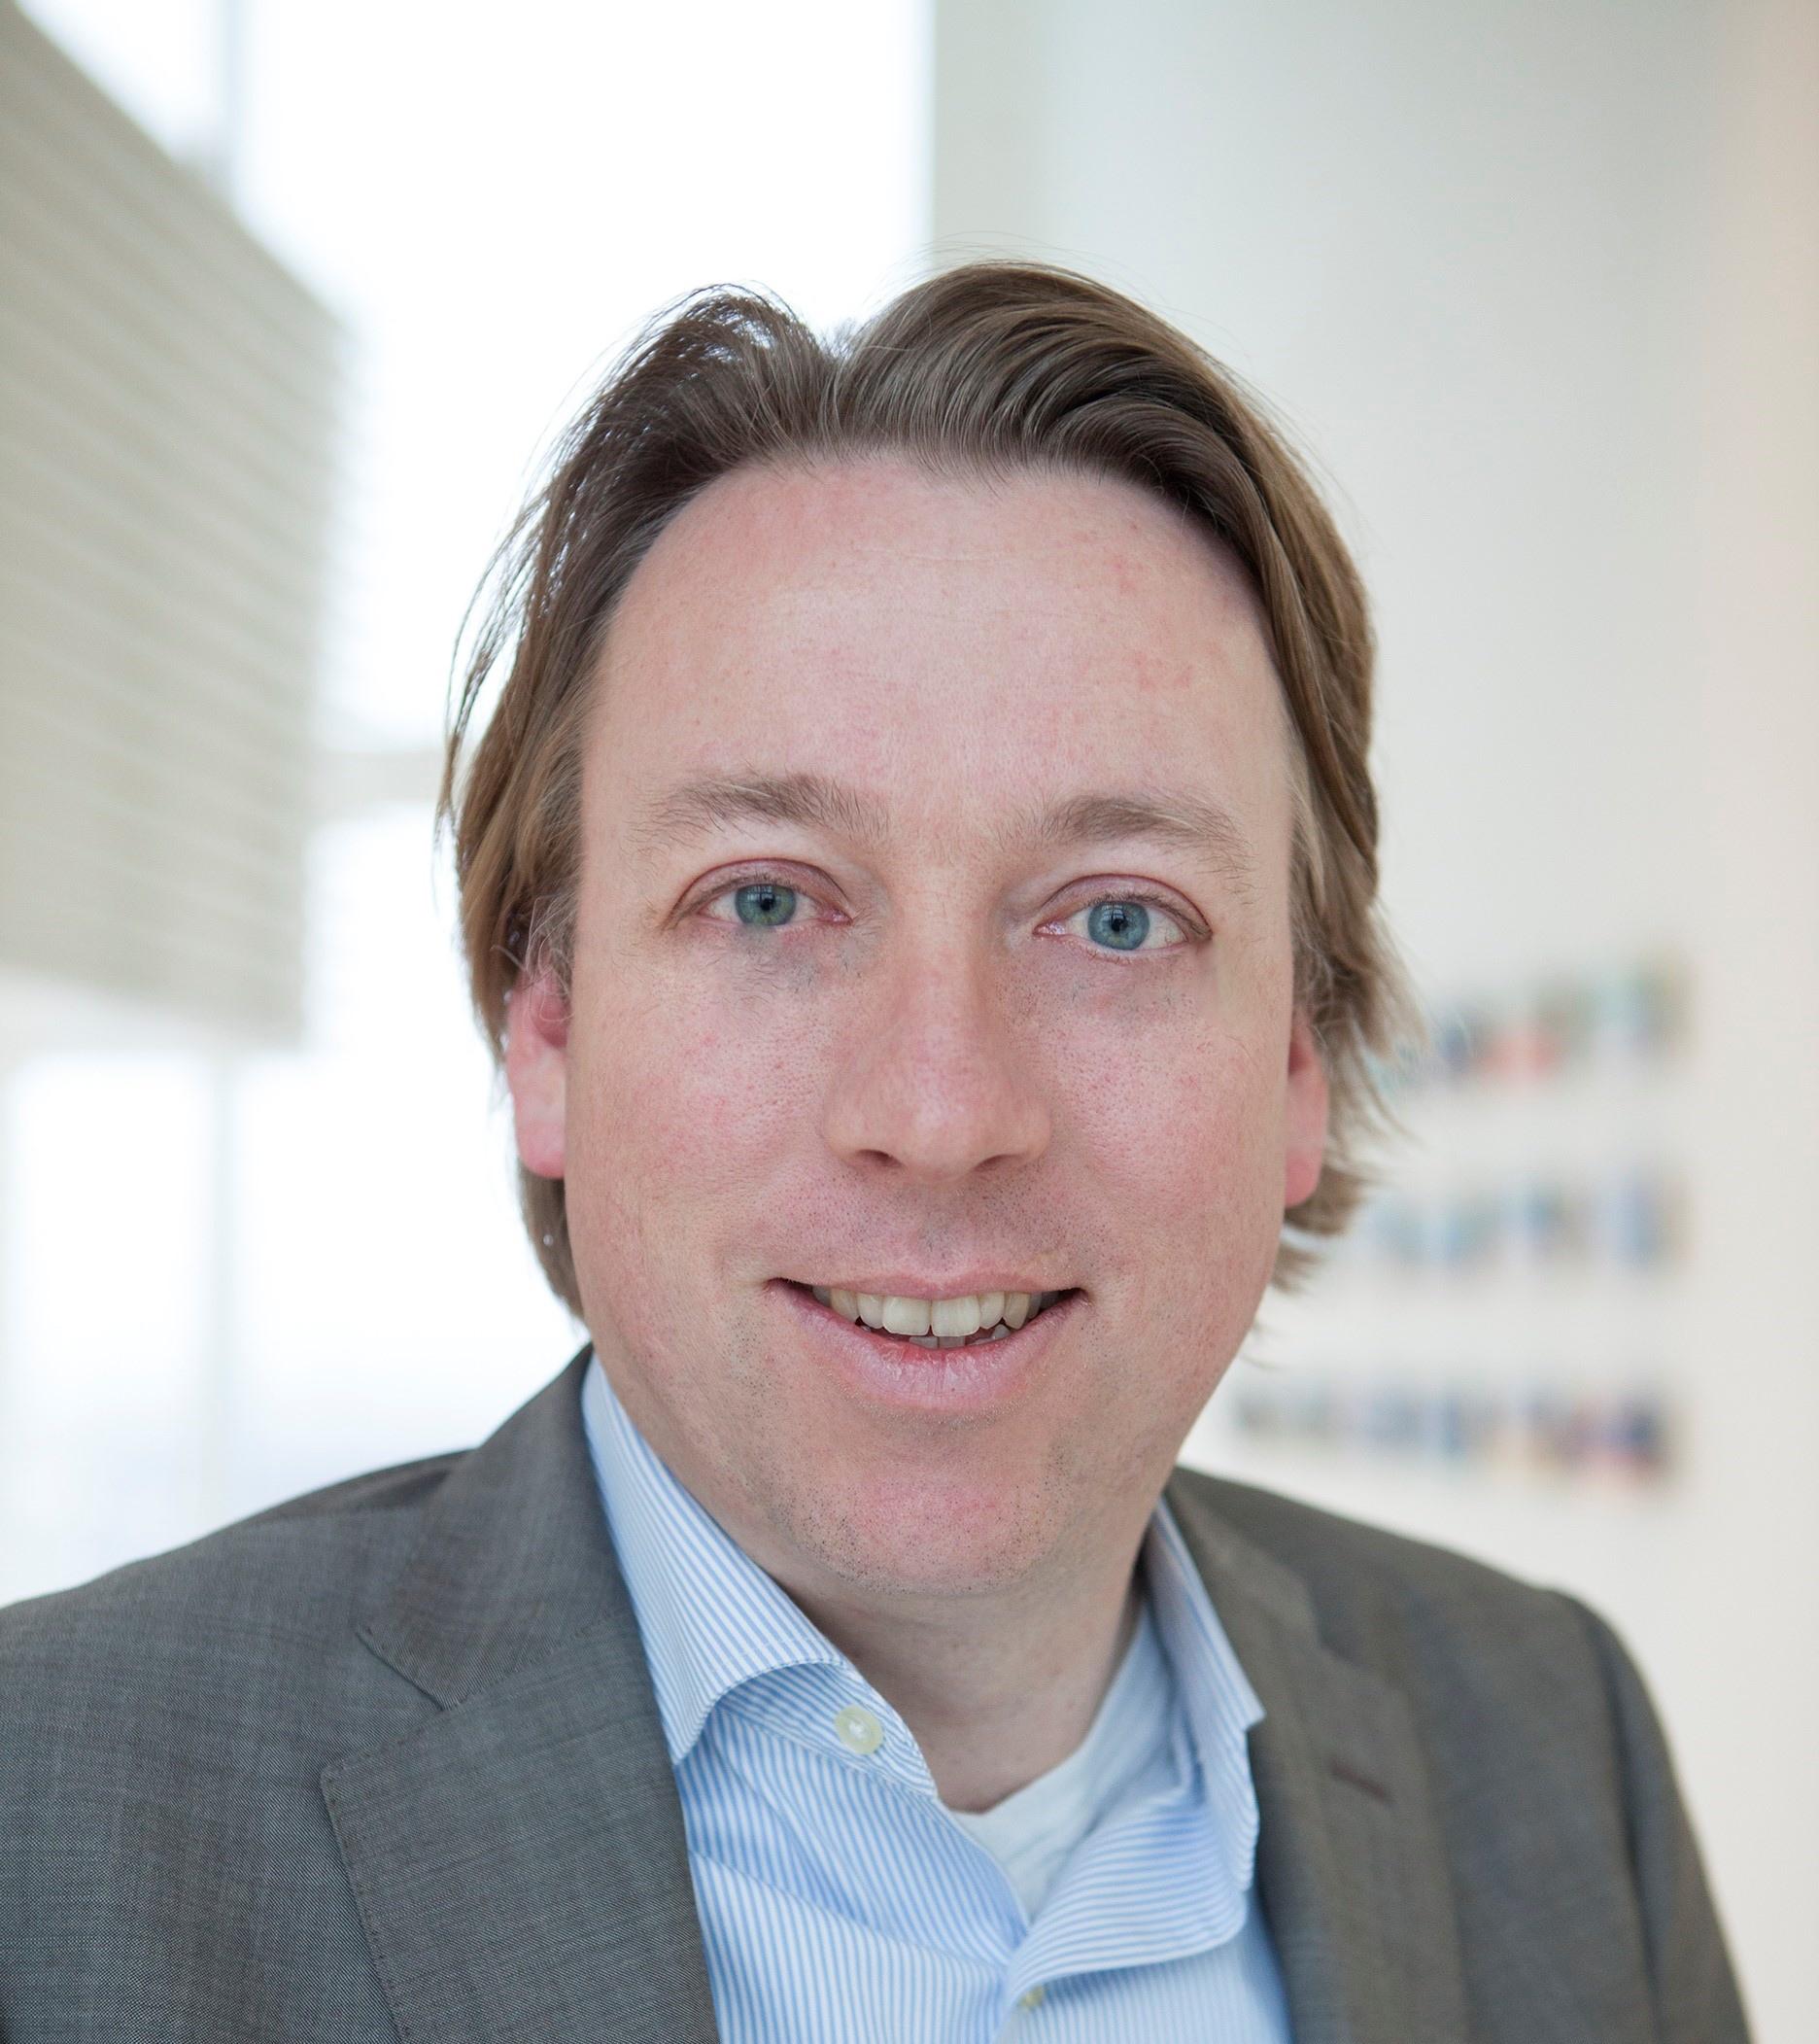 Favoriserer norsk innovasjonspolitikk nykommere over etablerte bedrifter?